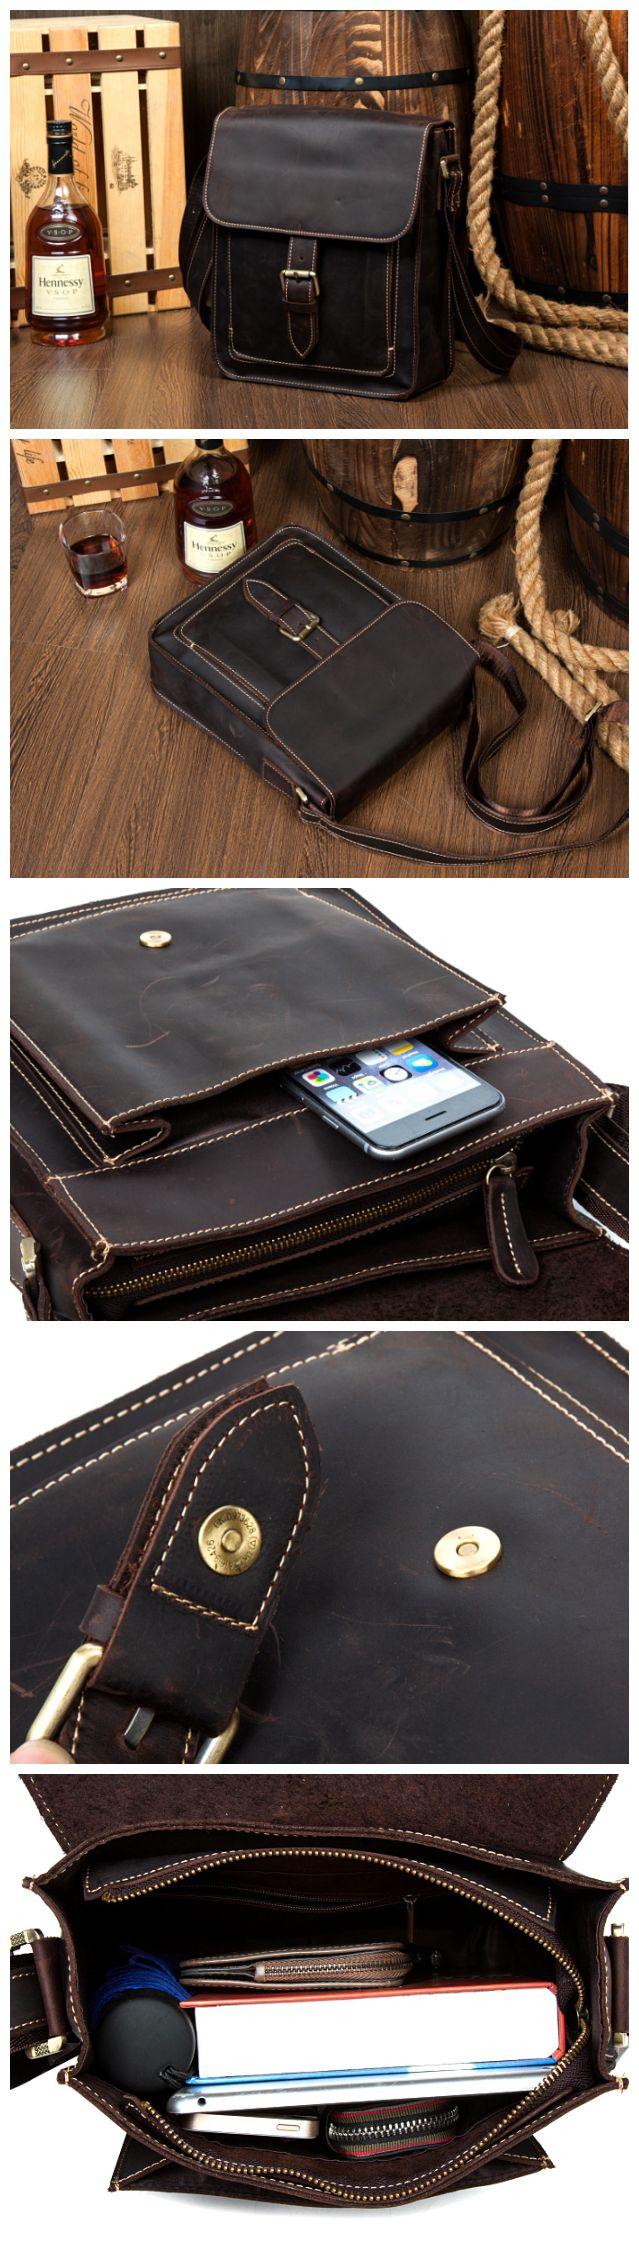 #Handmade Leather #messenger bag, leather shoulder bag, leather #briefcase